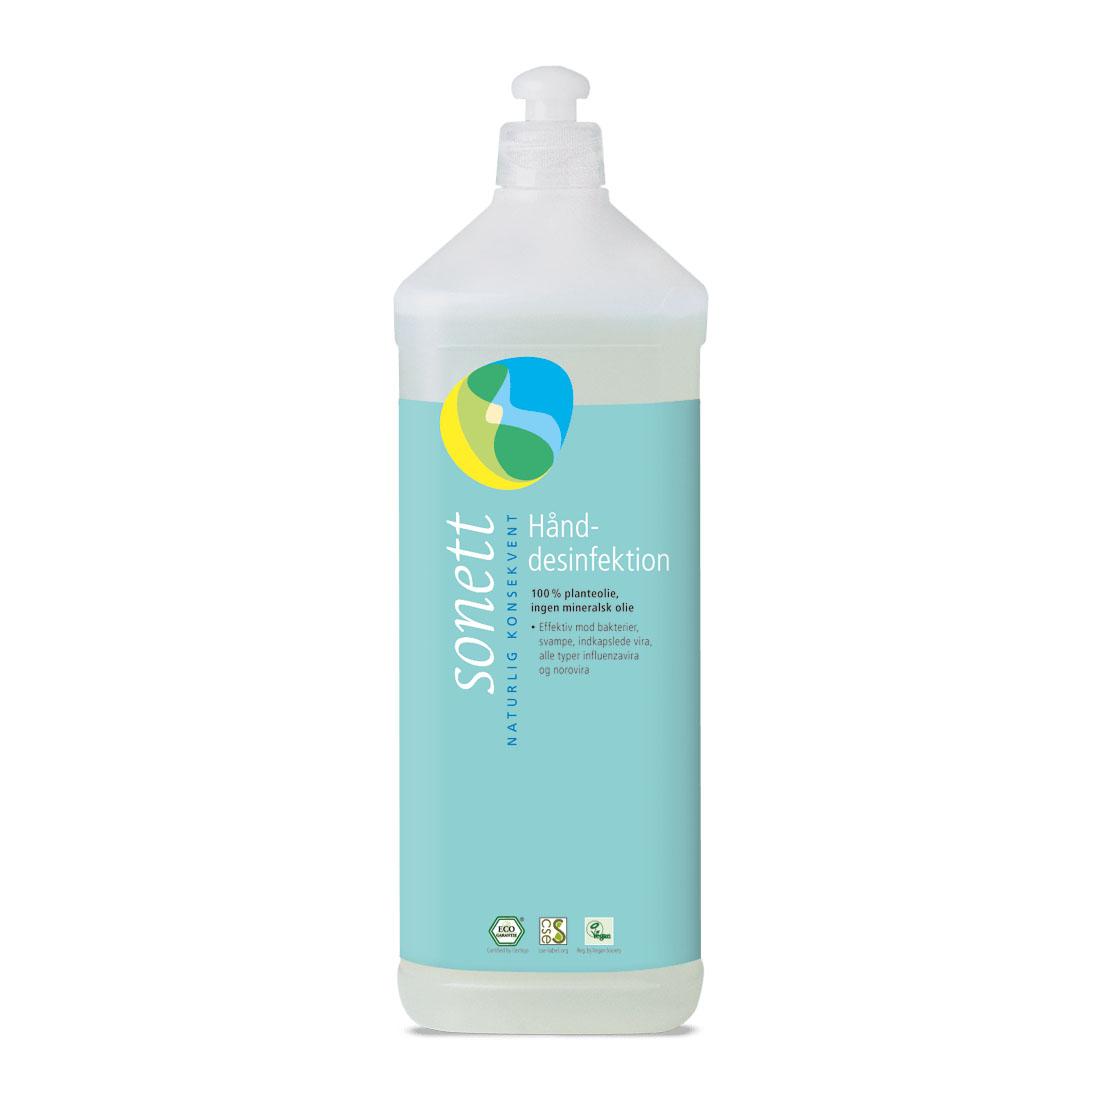 Sonett desinfeksjonsmiddel hånd refill 1 l øko